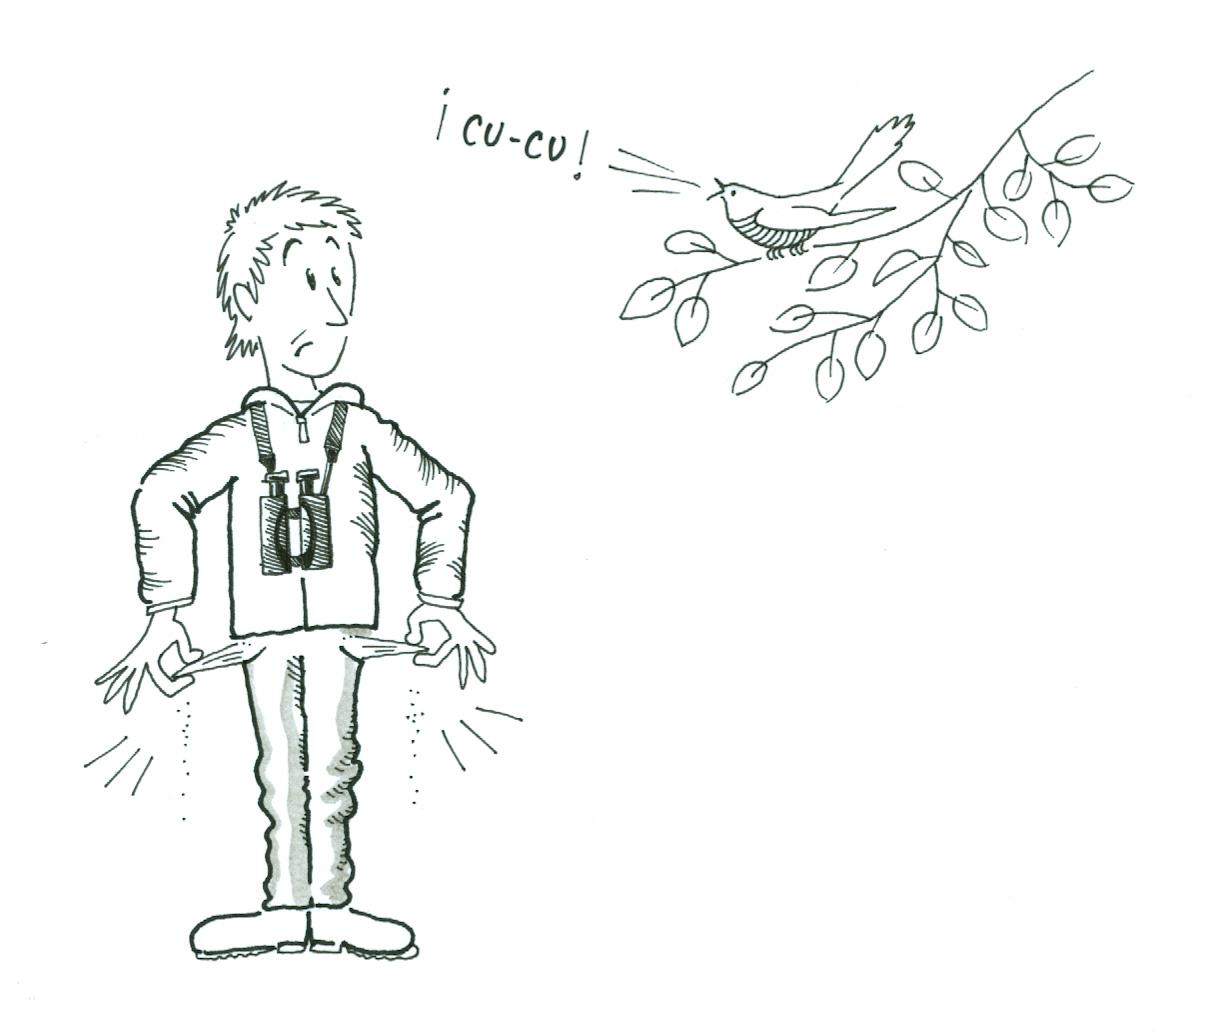 Gorka Gorospe escucha un cuco, pero no tiene dinero!, como dice el refrán, pobre todo el año. Dibujo de Gorka Gorospe extraido de su blog http://gorkagorospe.blogspot.com.es/